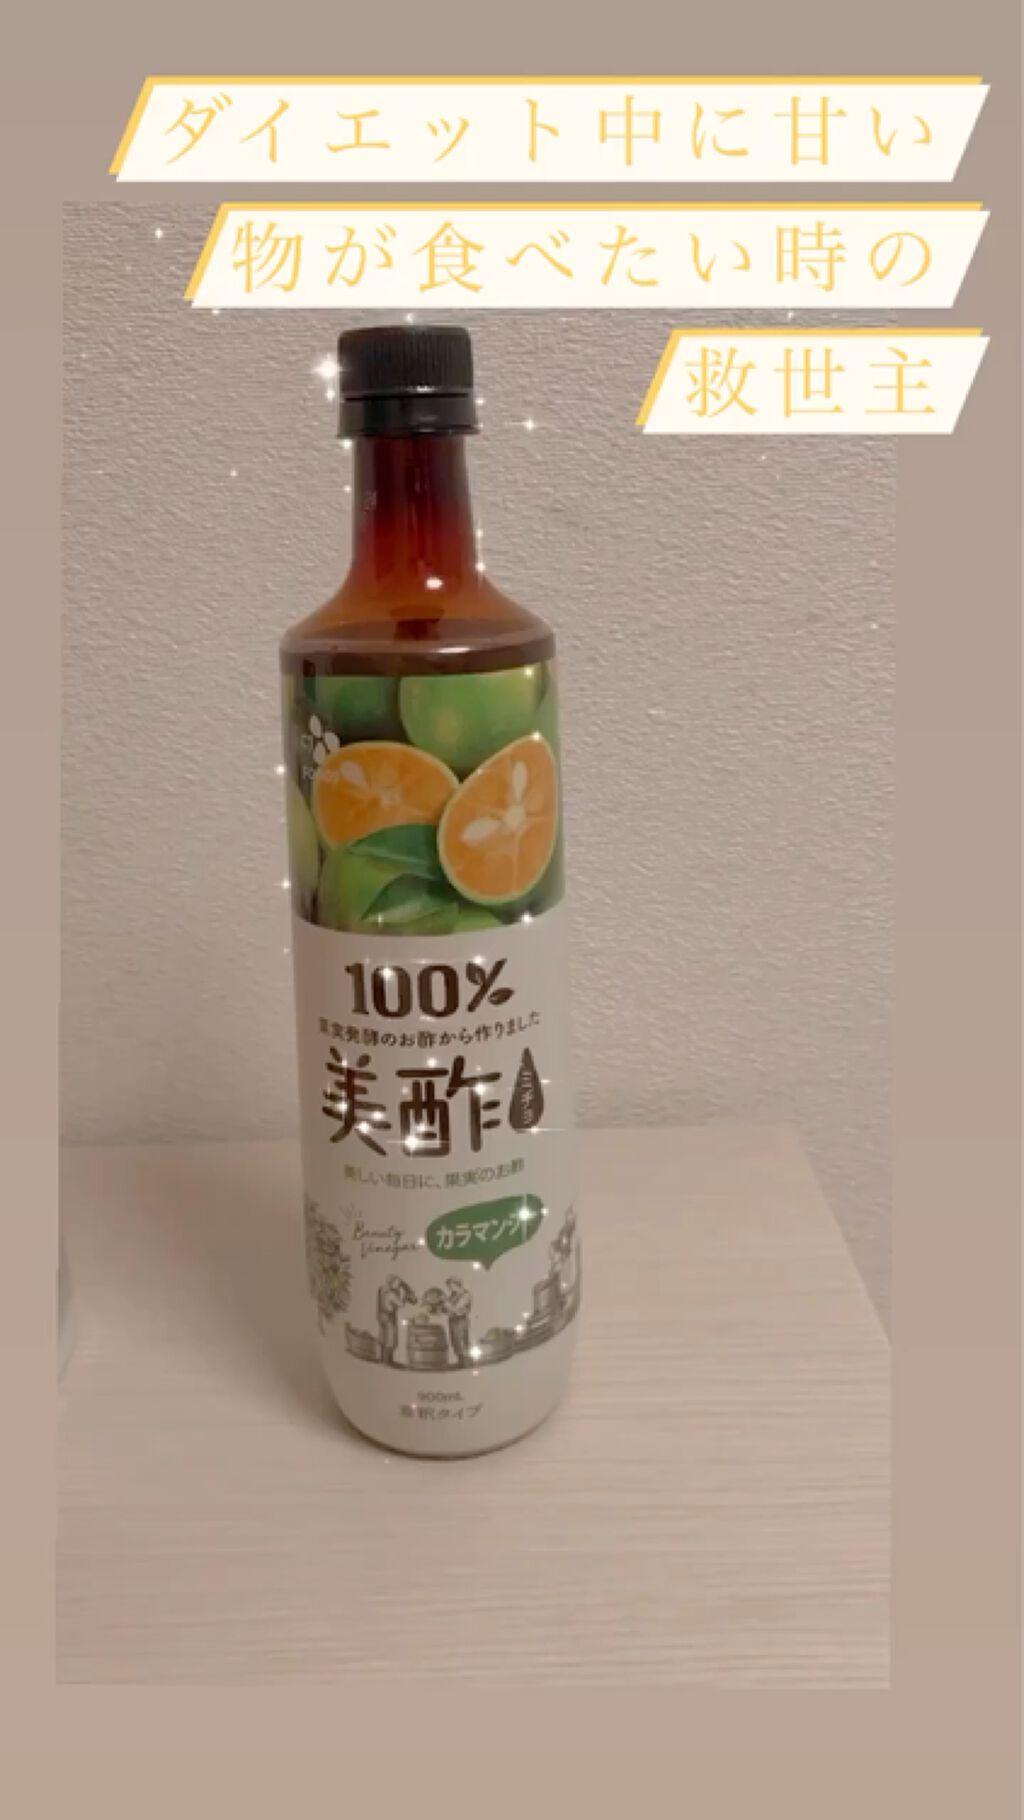 カラマンシー/美酢(ミチョ)/ドリンクを使ったクチコミ(1枚目)